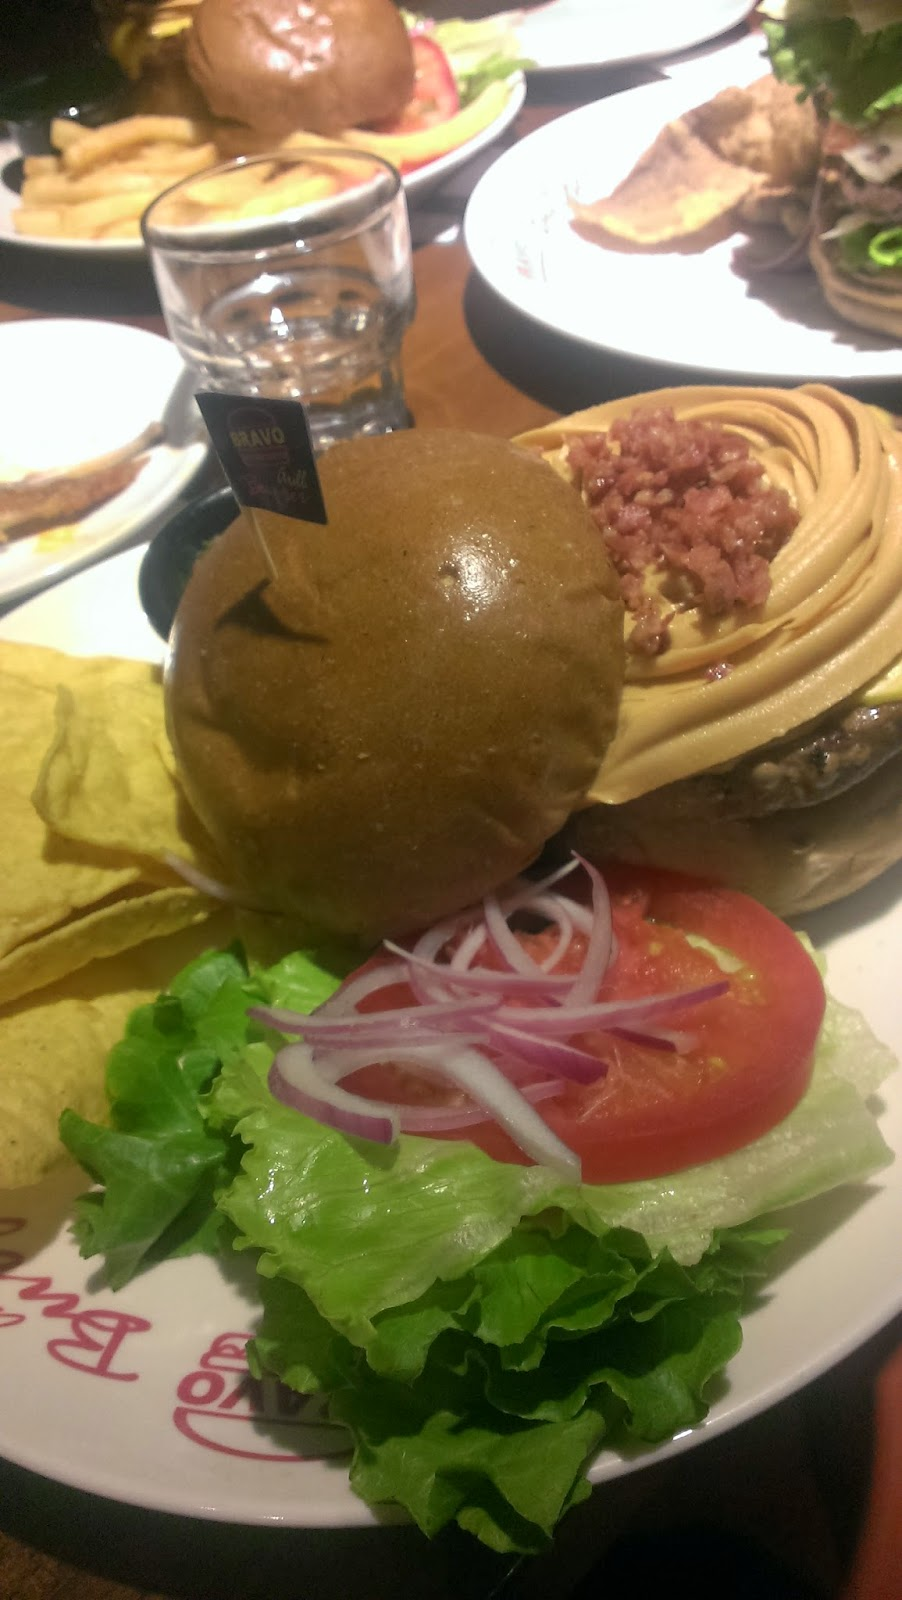 2014 07 27+18.32.44 - [食記] Bravo Burger 發福廚房 - 大口咬下美式漢堡,滿滿的熱量,滿滿幸福!